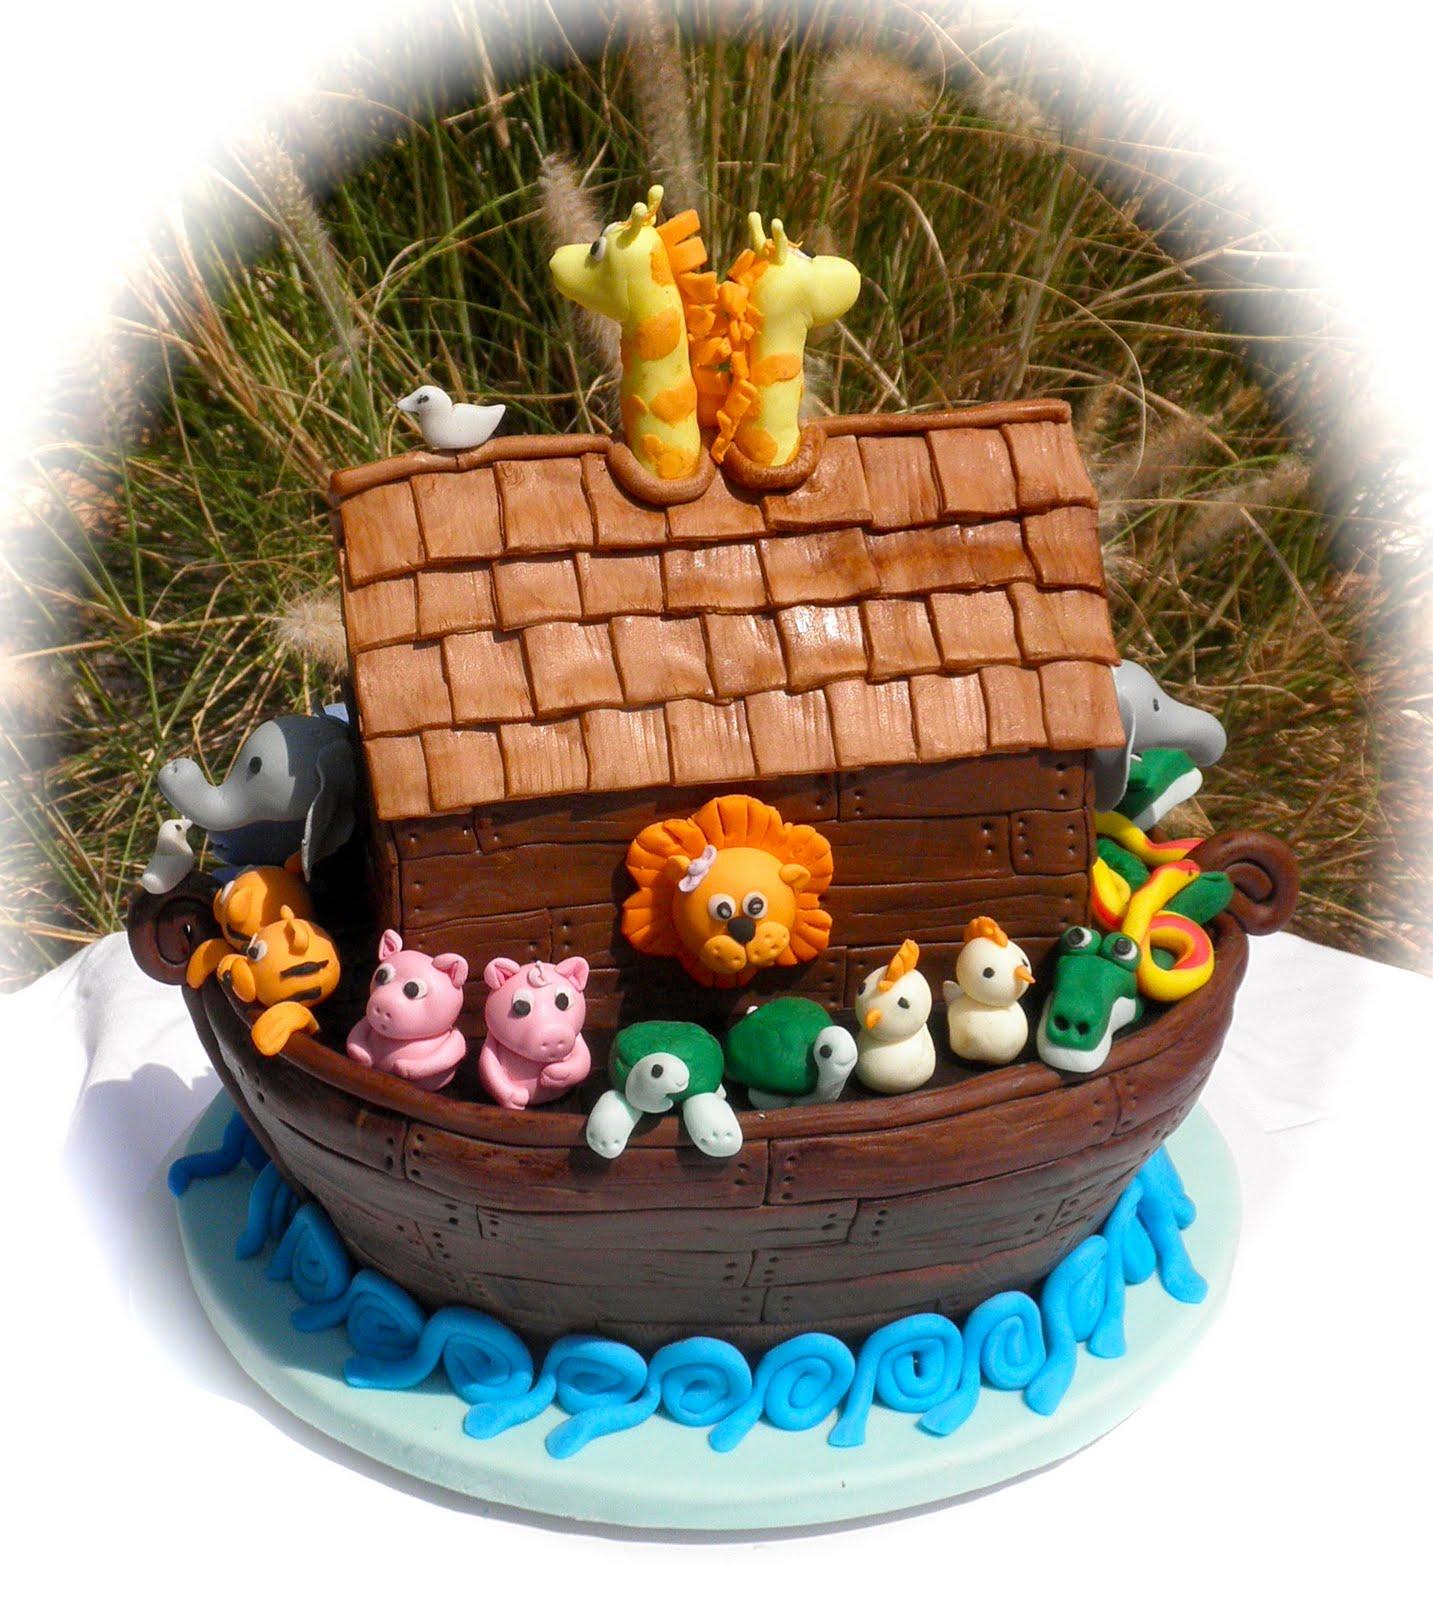 sweet t 39 s cake design noah 39 s ark baby shower cake